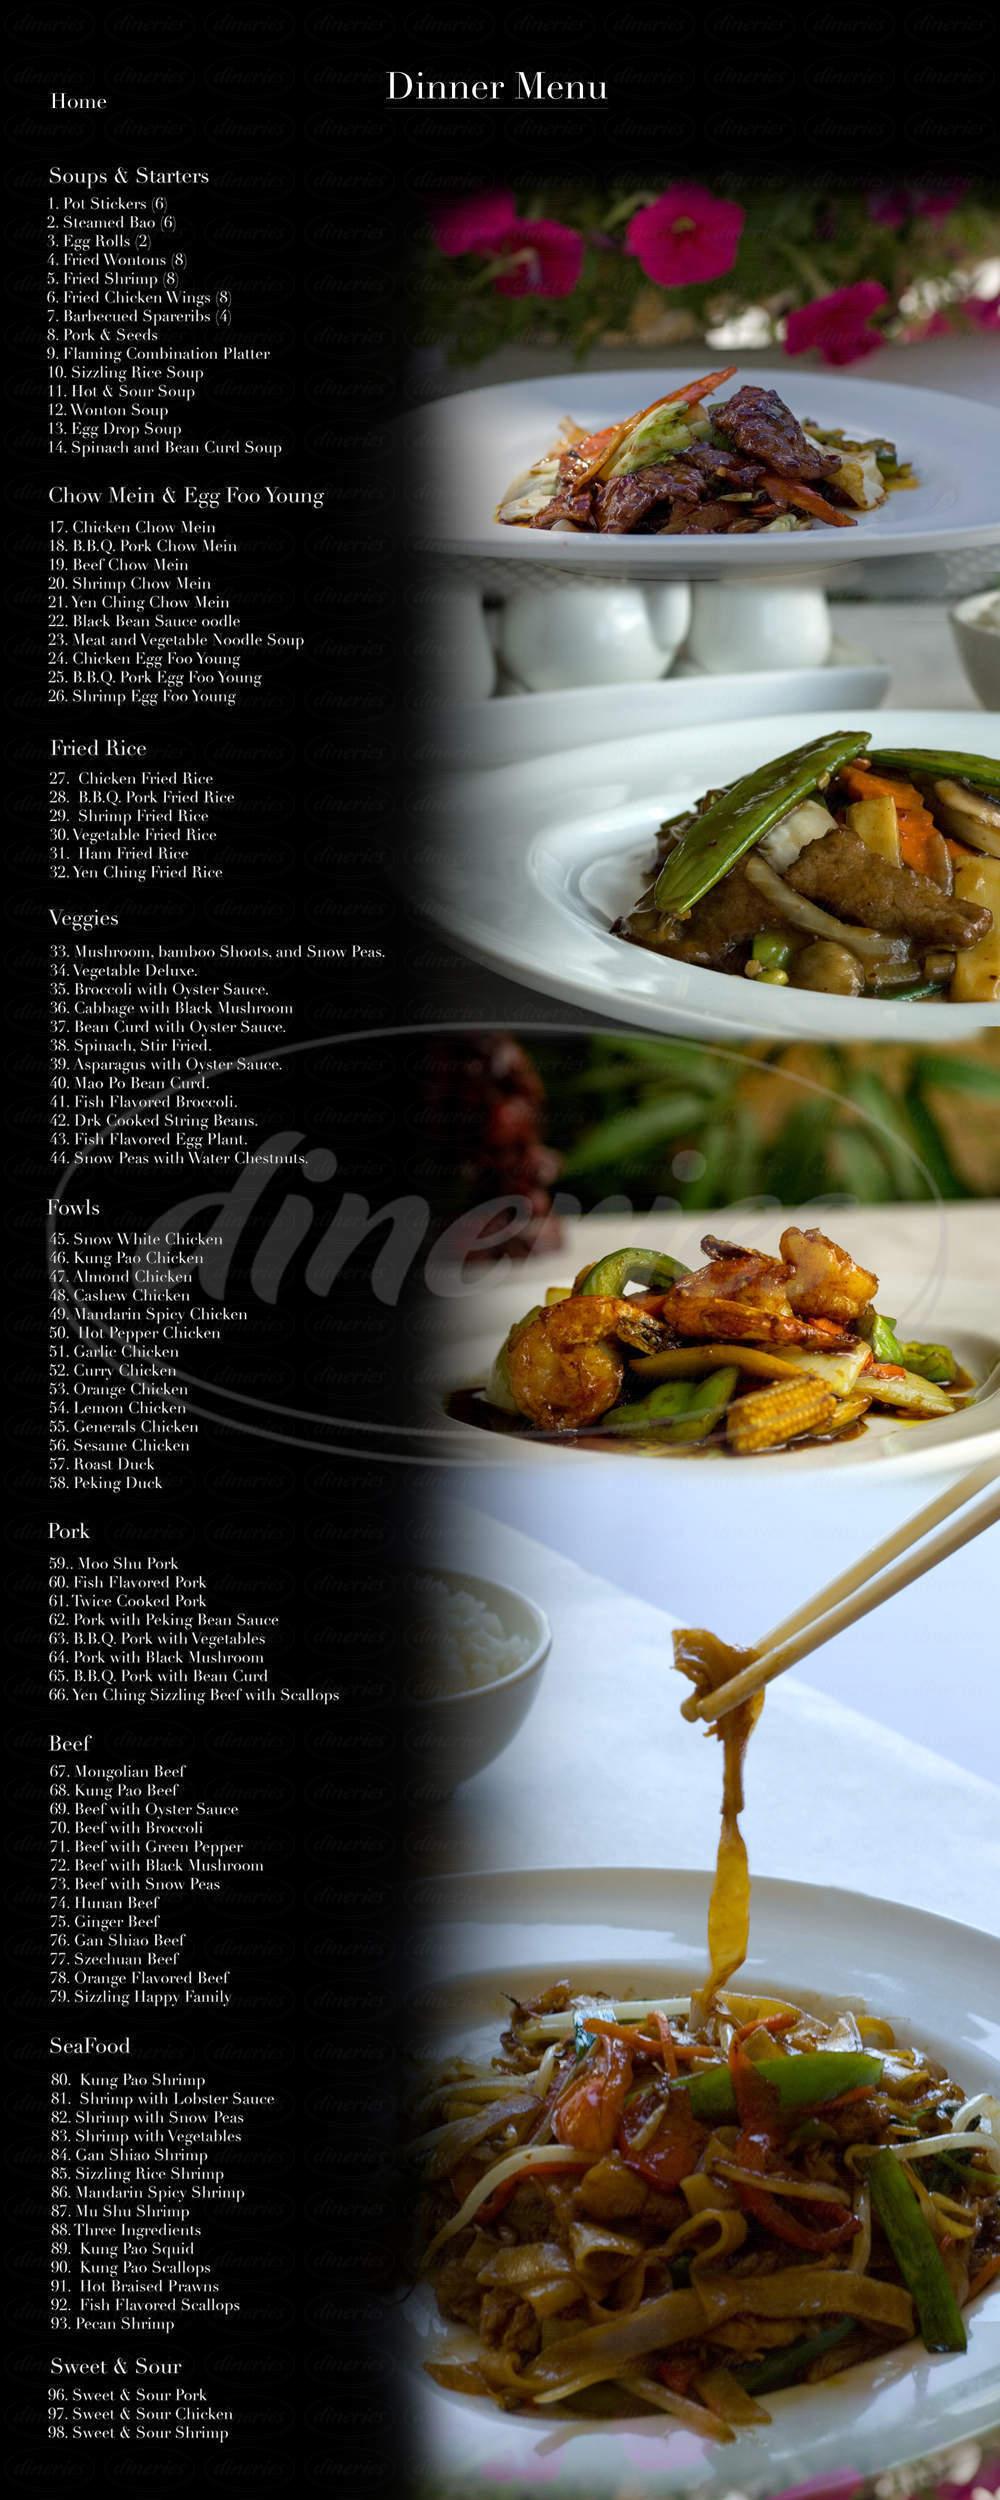 menu for Yen Ching Chinese Restaurant